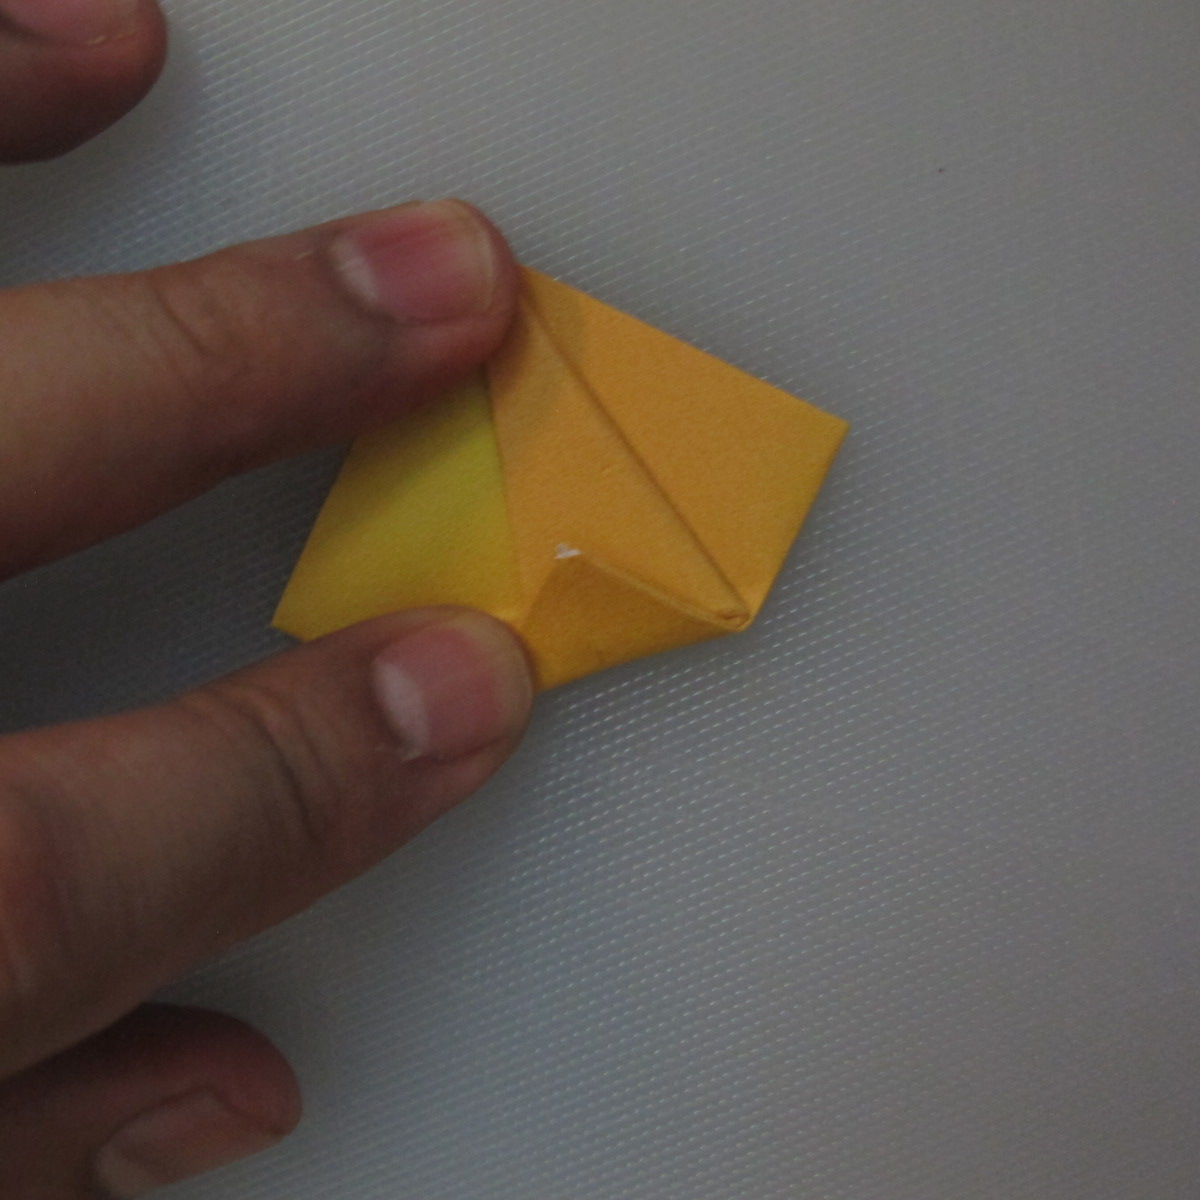 วิธีพับกระดาษเป็นดอกทิวลิป 011